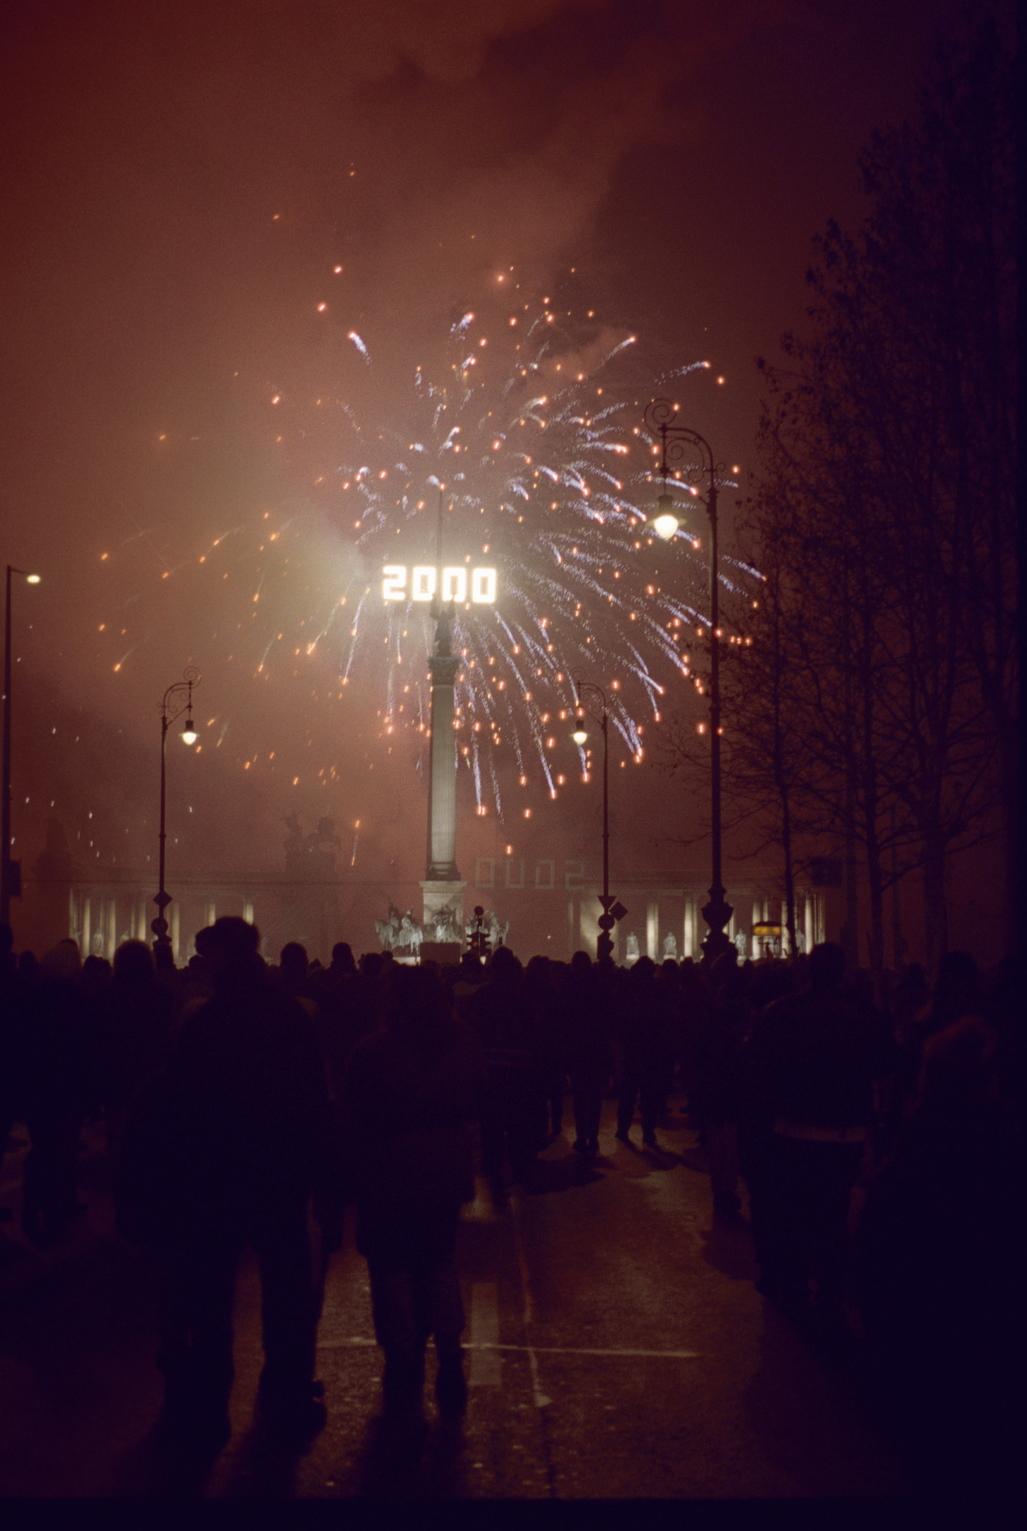 Budapest, 2000. január 1. Tűzijáték a Hősök terén. Az évezred első napján az Országos Idegenforgalmi Hivatal szervezésében tűzijátékot és lézershow-t rendeztek a Hősök terén, ahol két színpadon szórakoztatták különböző zenekarok az ünneplőket. MTI Fotó: Földi Imre